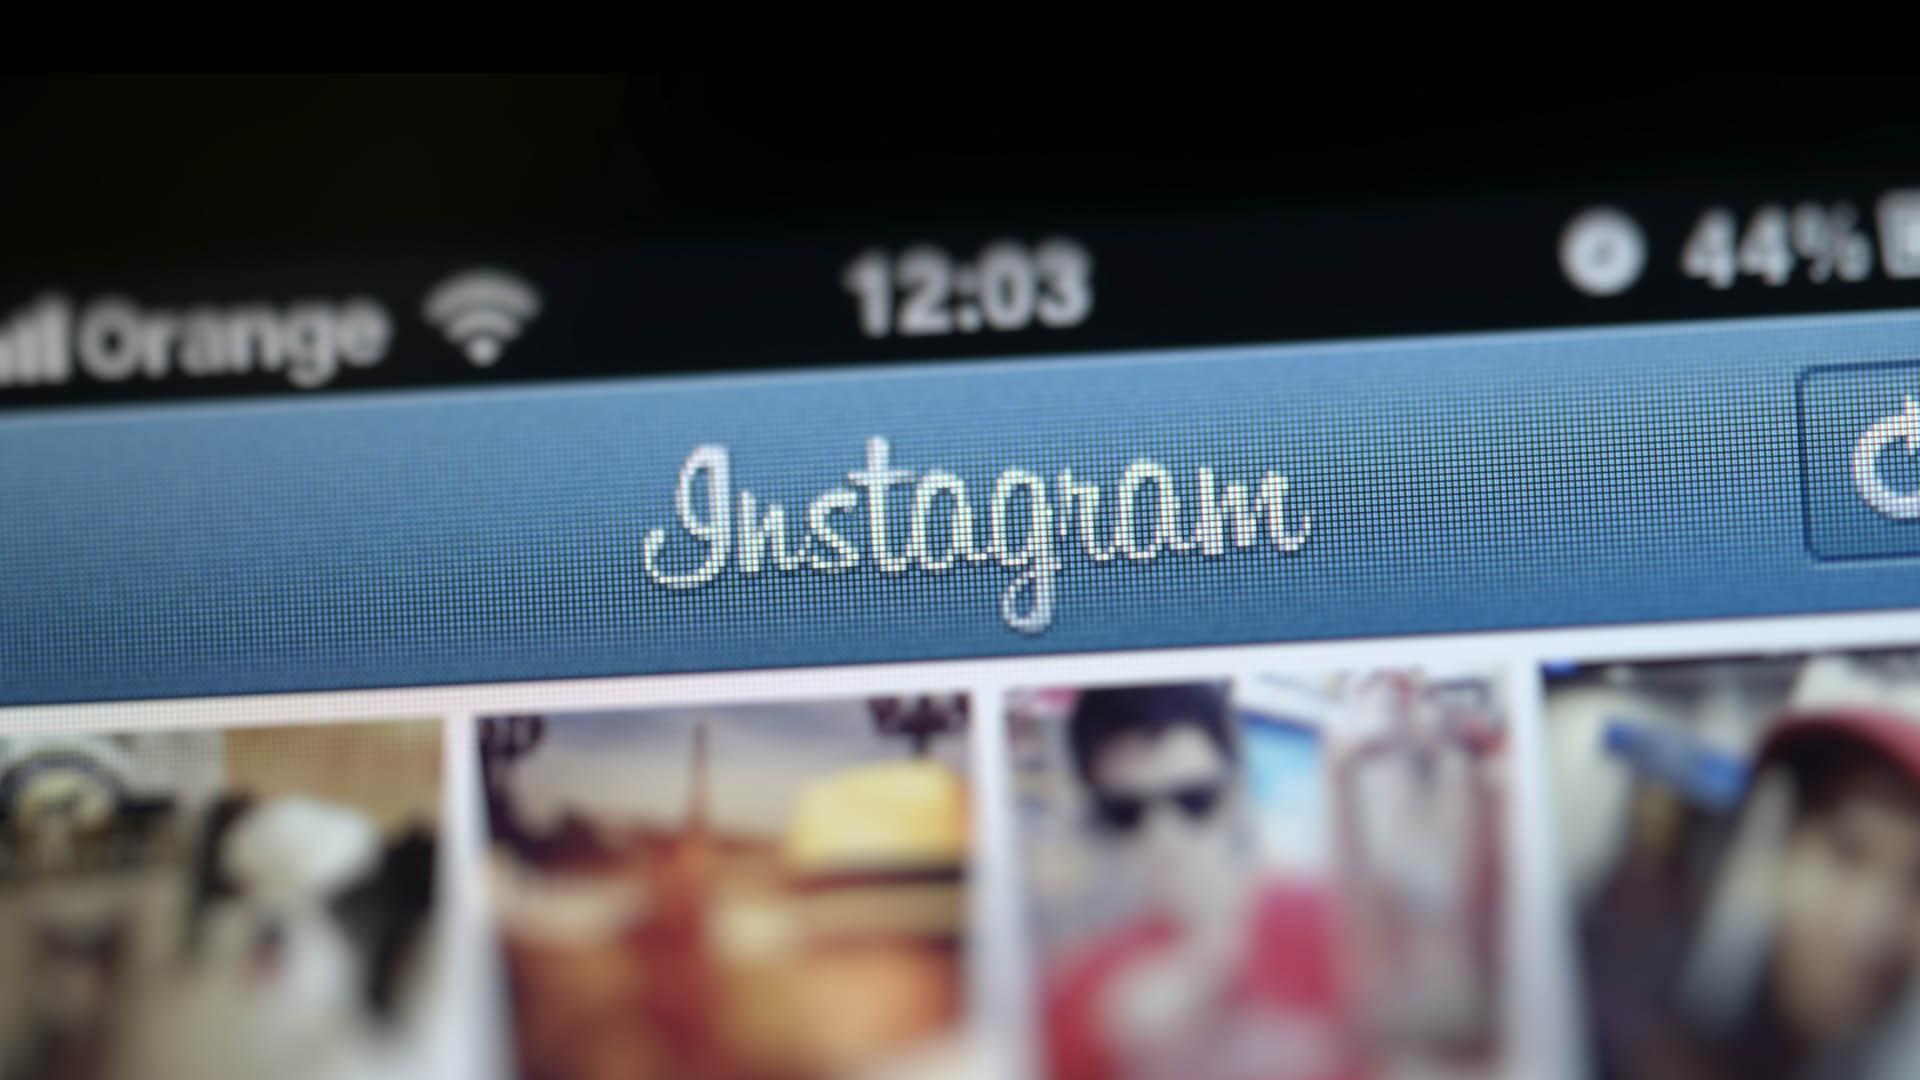 Desde que la red social implementó el uso de varias cuentas en un mismo teléfono presenta un error que deja al descubierto los mensajes directos